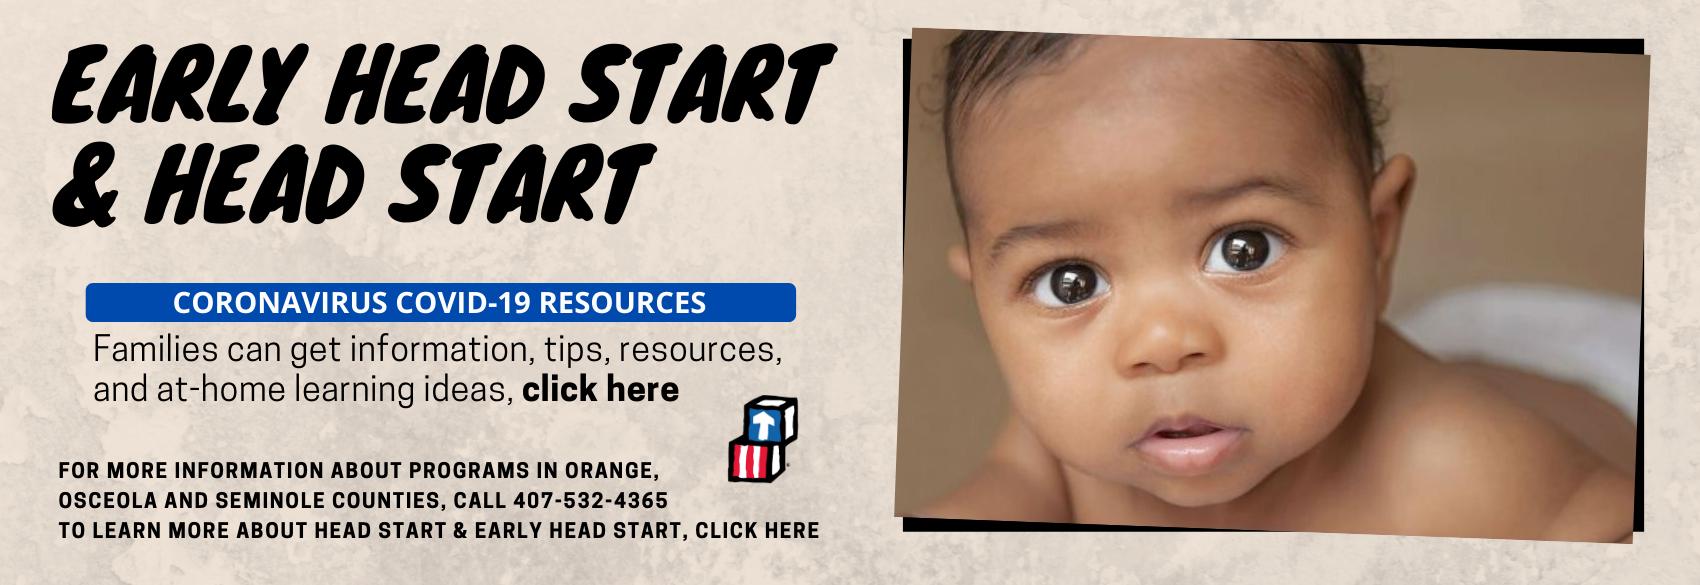 Head Start & Early Head Start